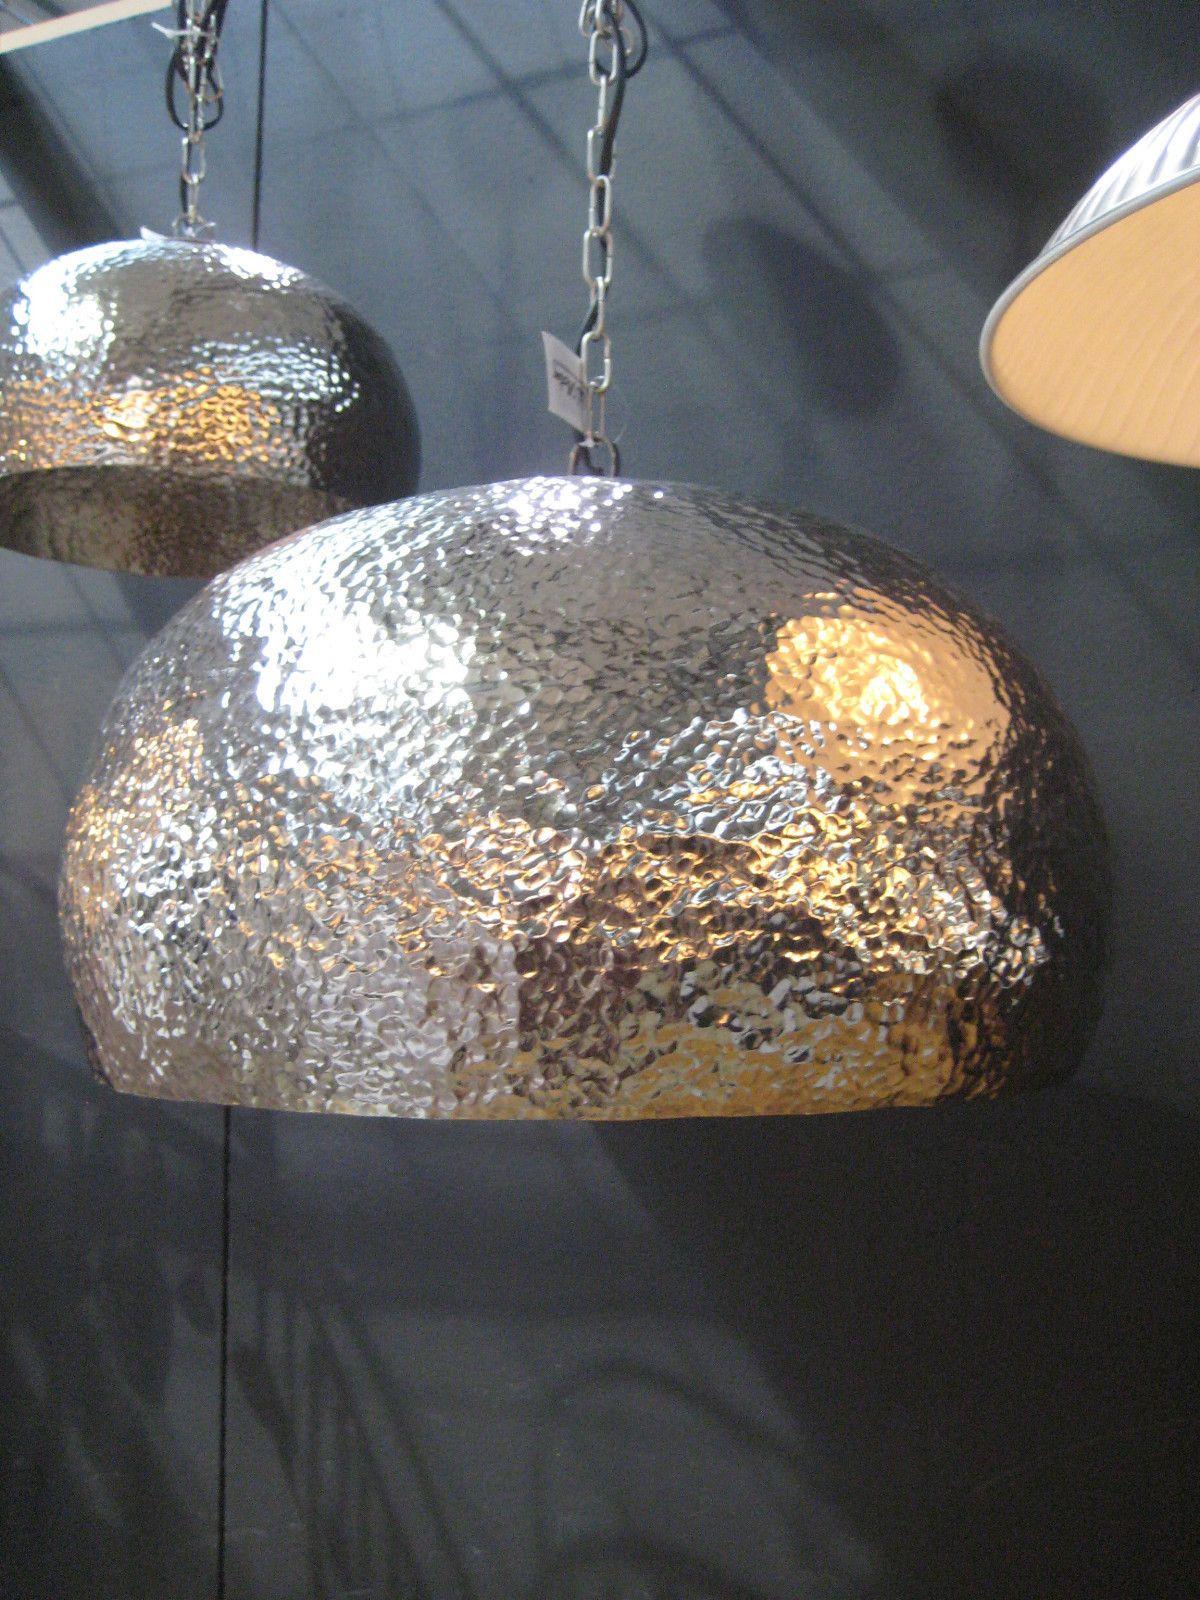 Hängelampe Marit Xxl 52 Cm Durchmesser Hämmeroptik Silber Ebay Design Lampen Lampe Hänge Lampe